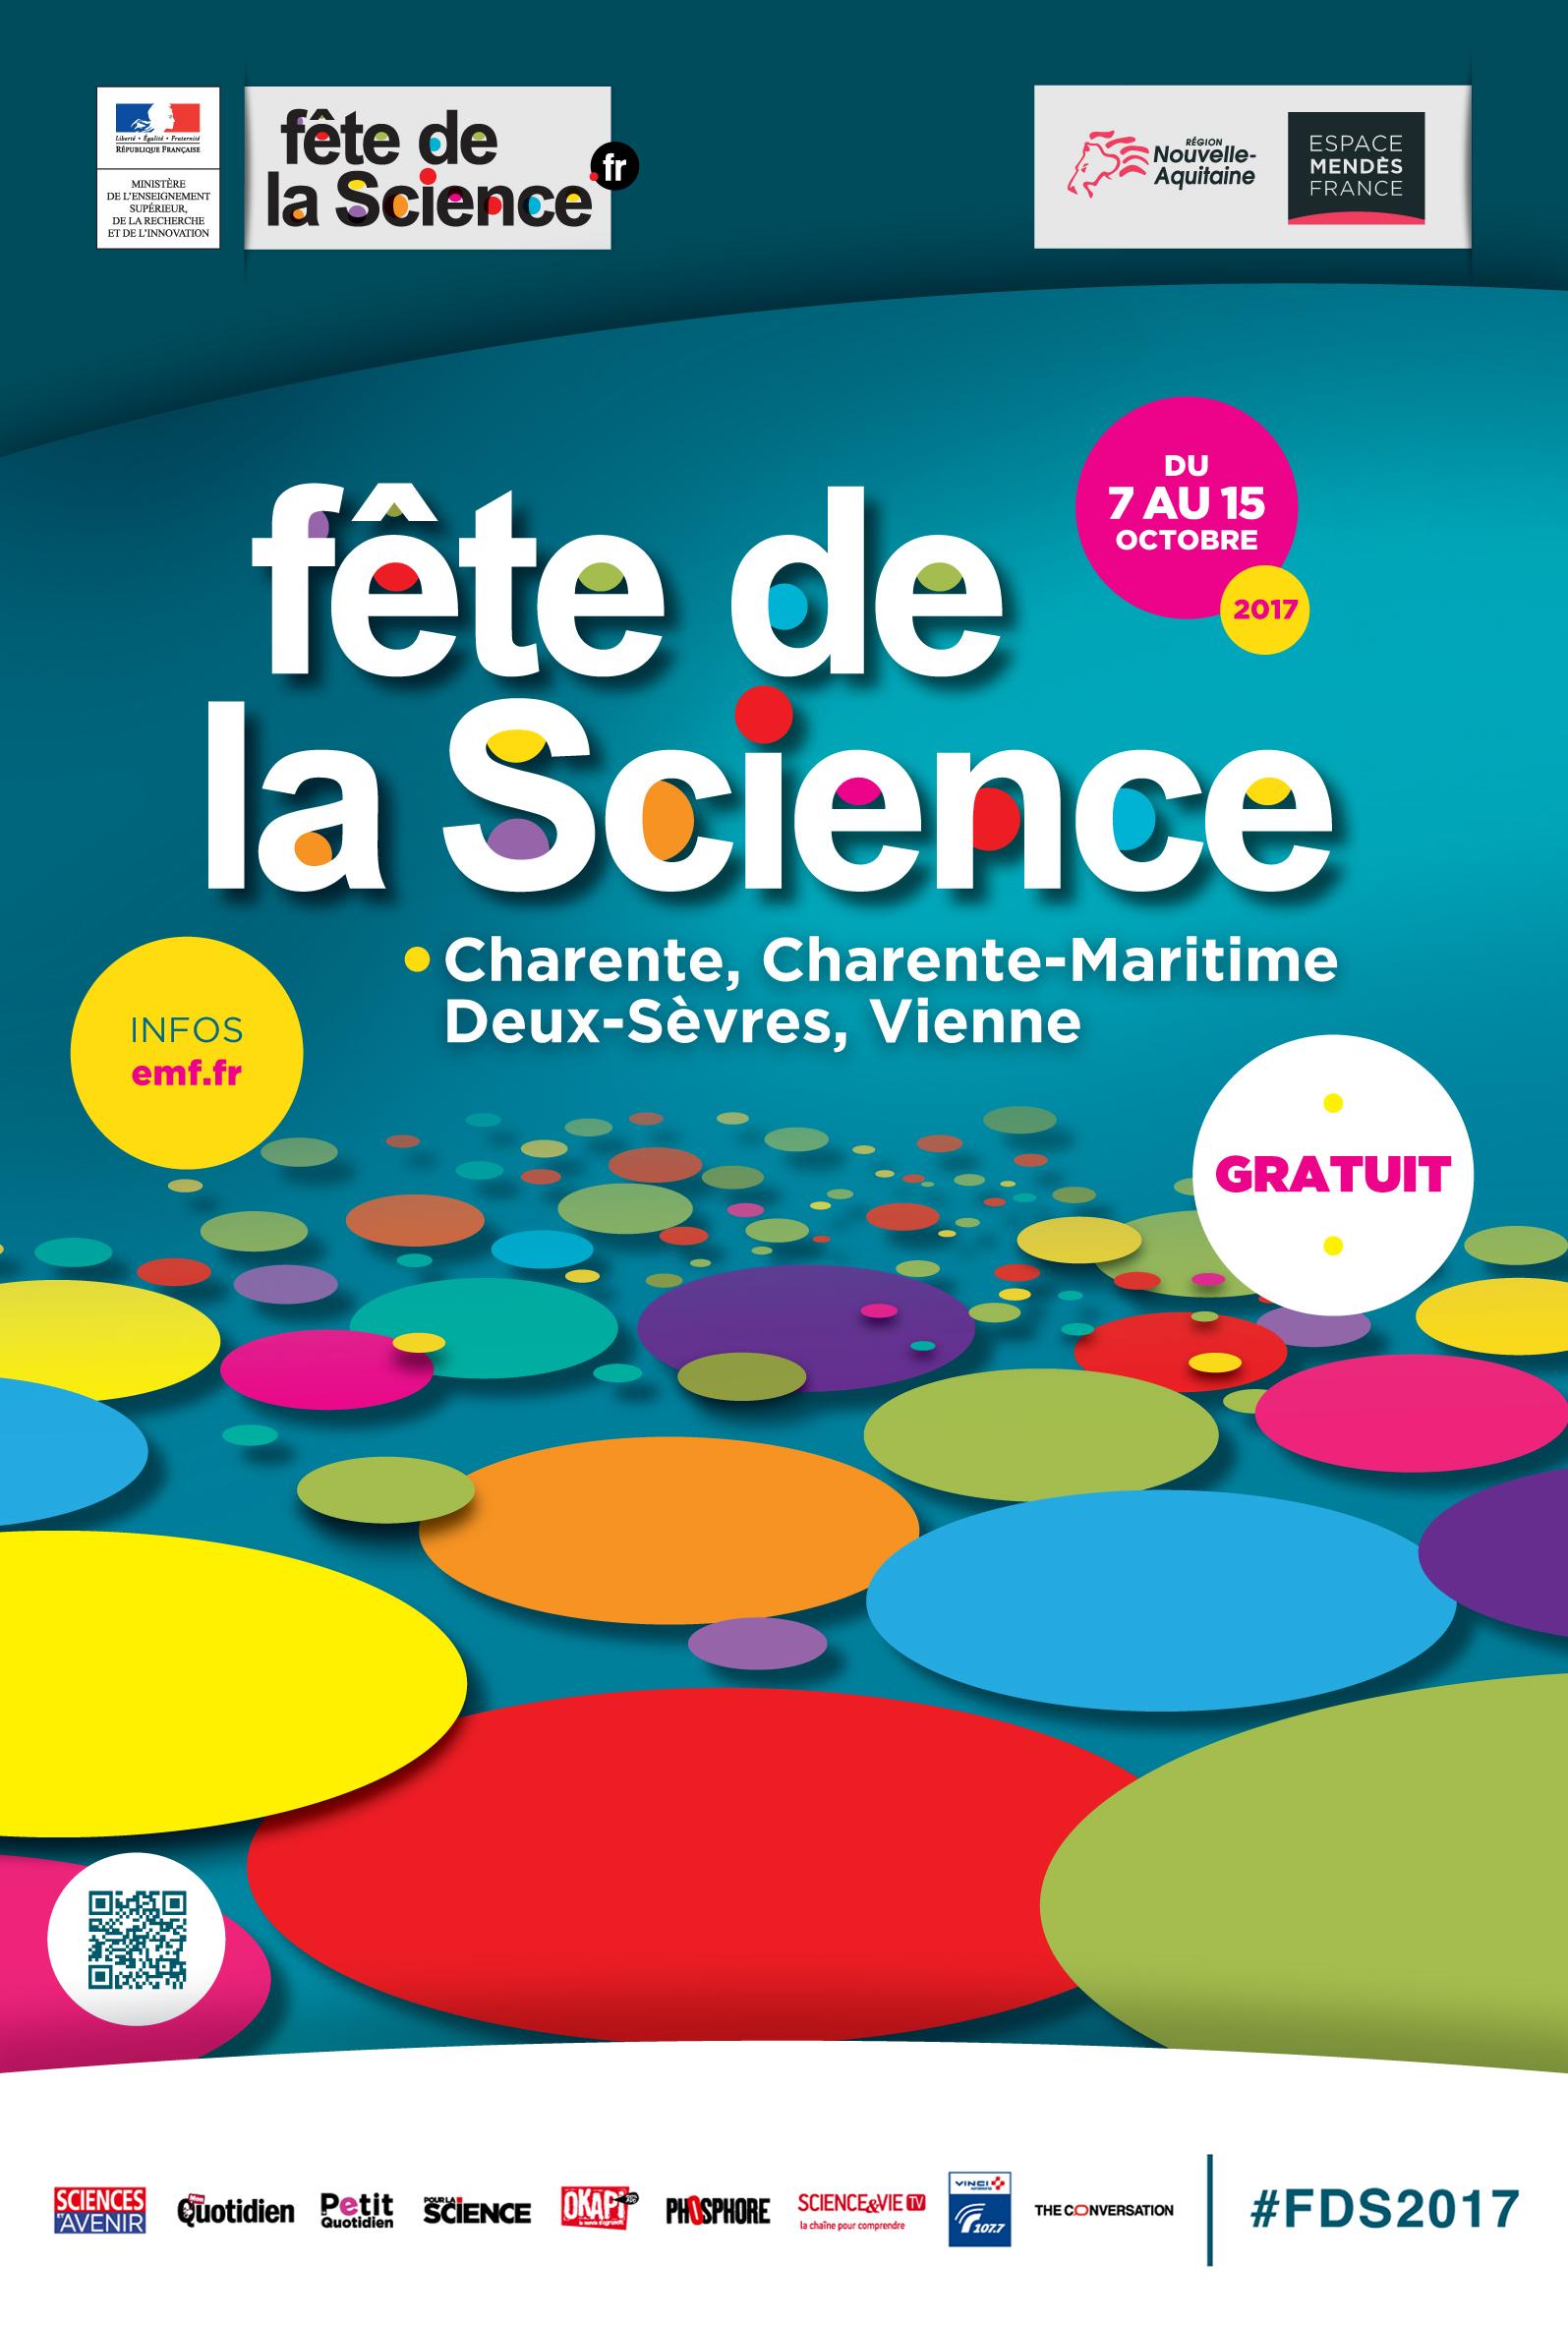 La Fête de la science – Du 7 au 15 octobre 2017